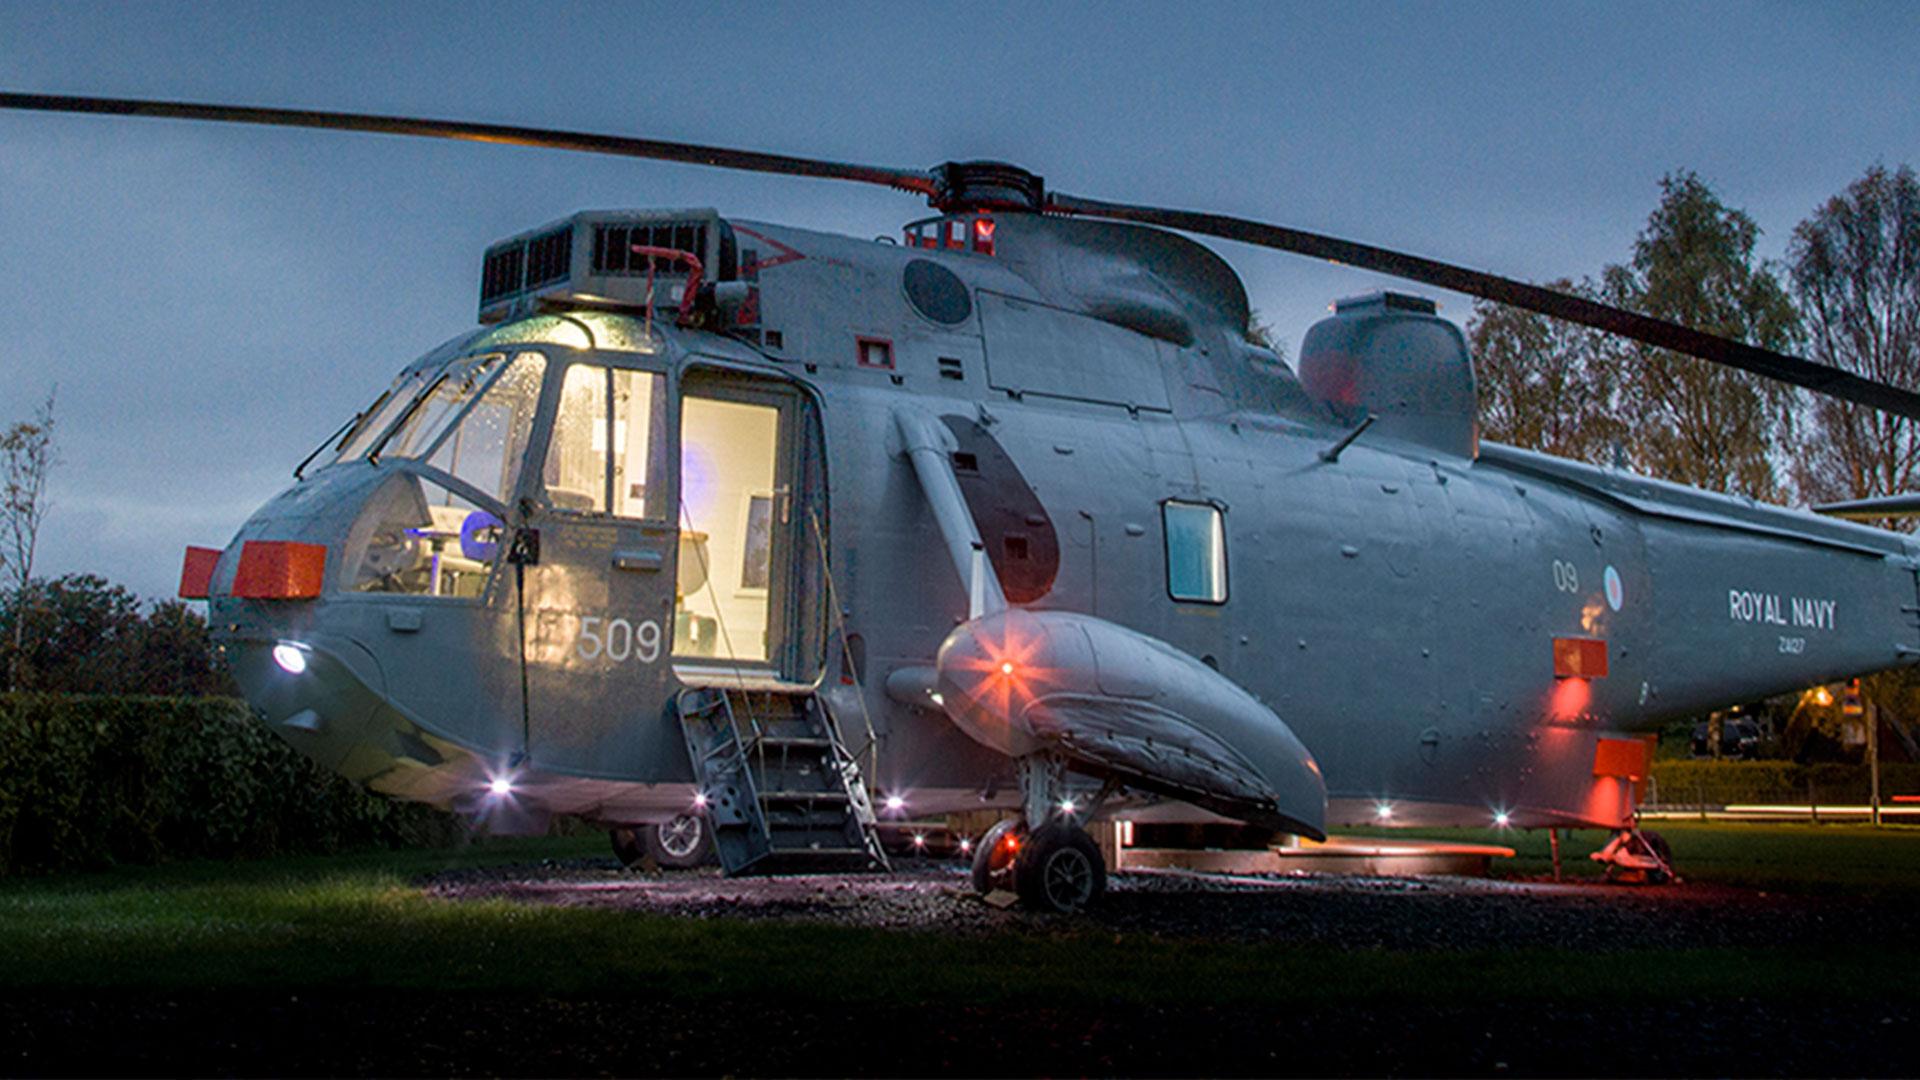 Disfruta de tus vacaciones en un helicóptero transformado en un hotel de lujo